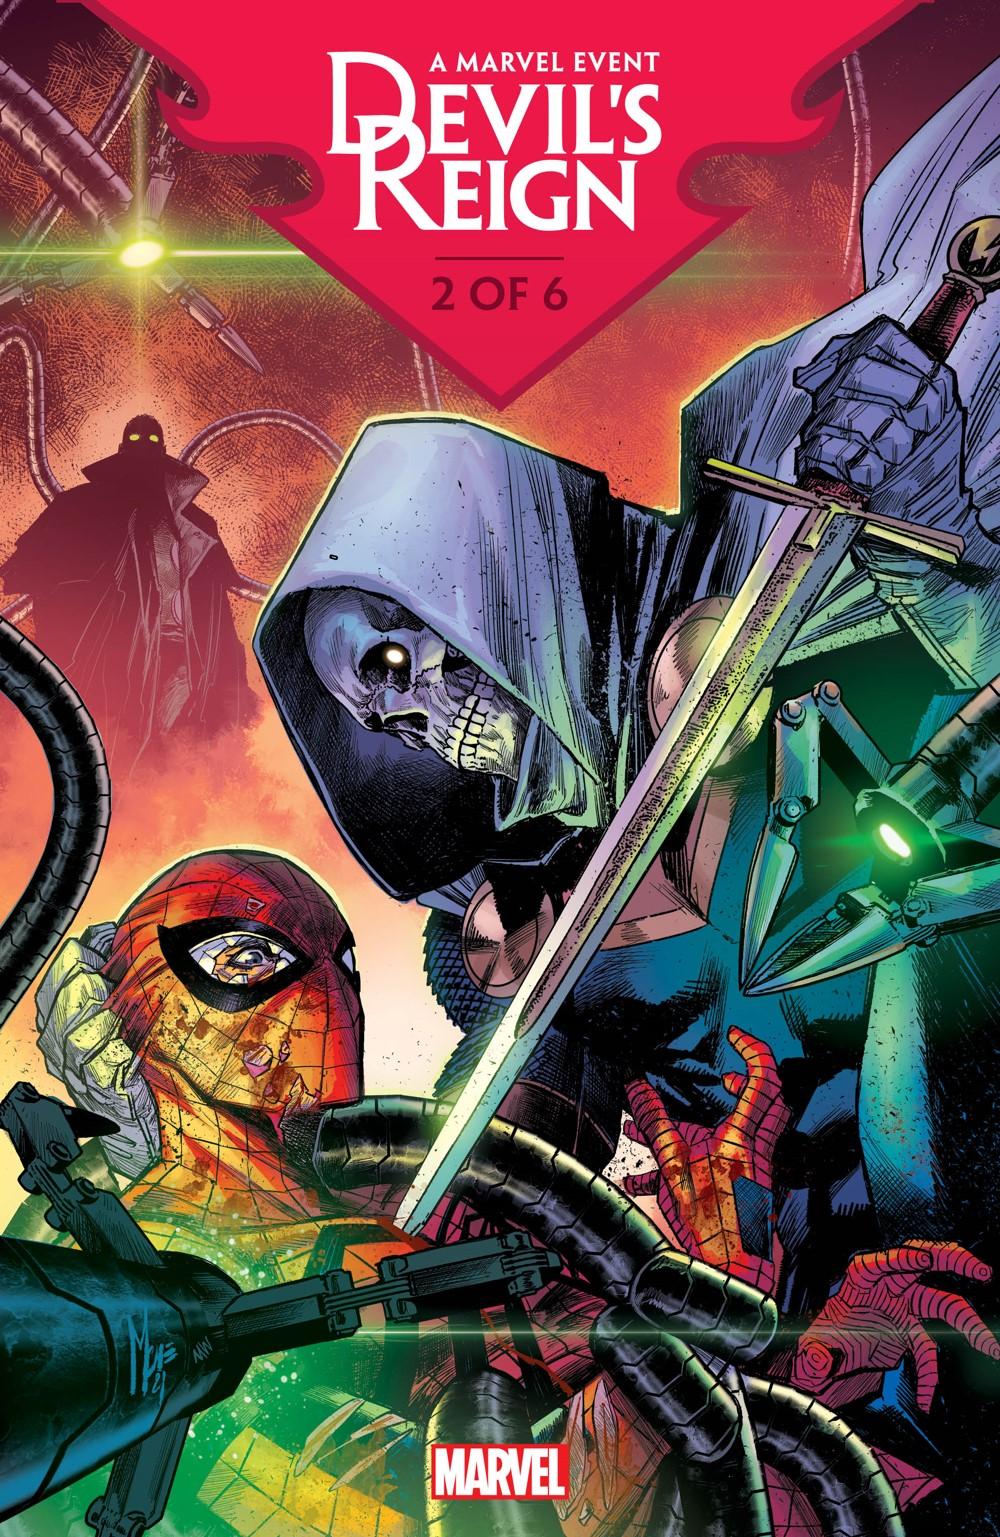 DEVILSREIGN2021002-1 Marvel Comics December 2021 Solicitations